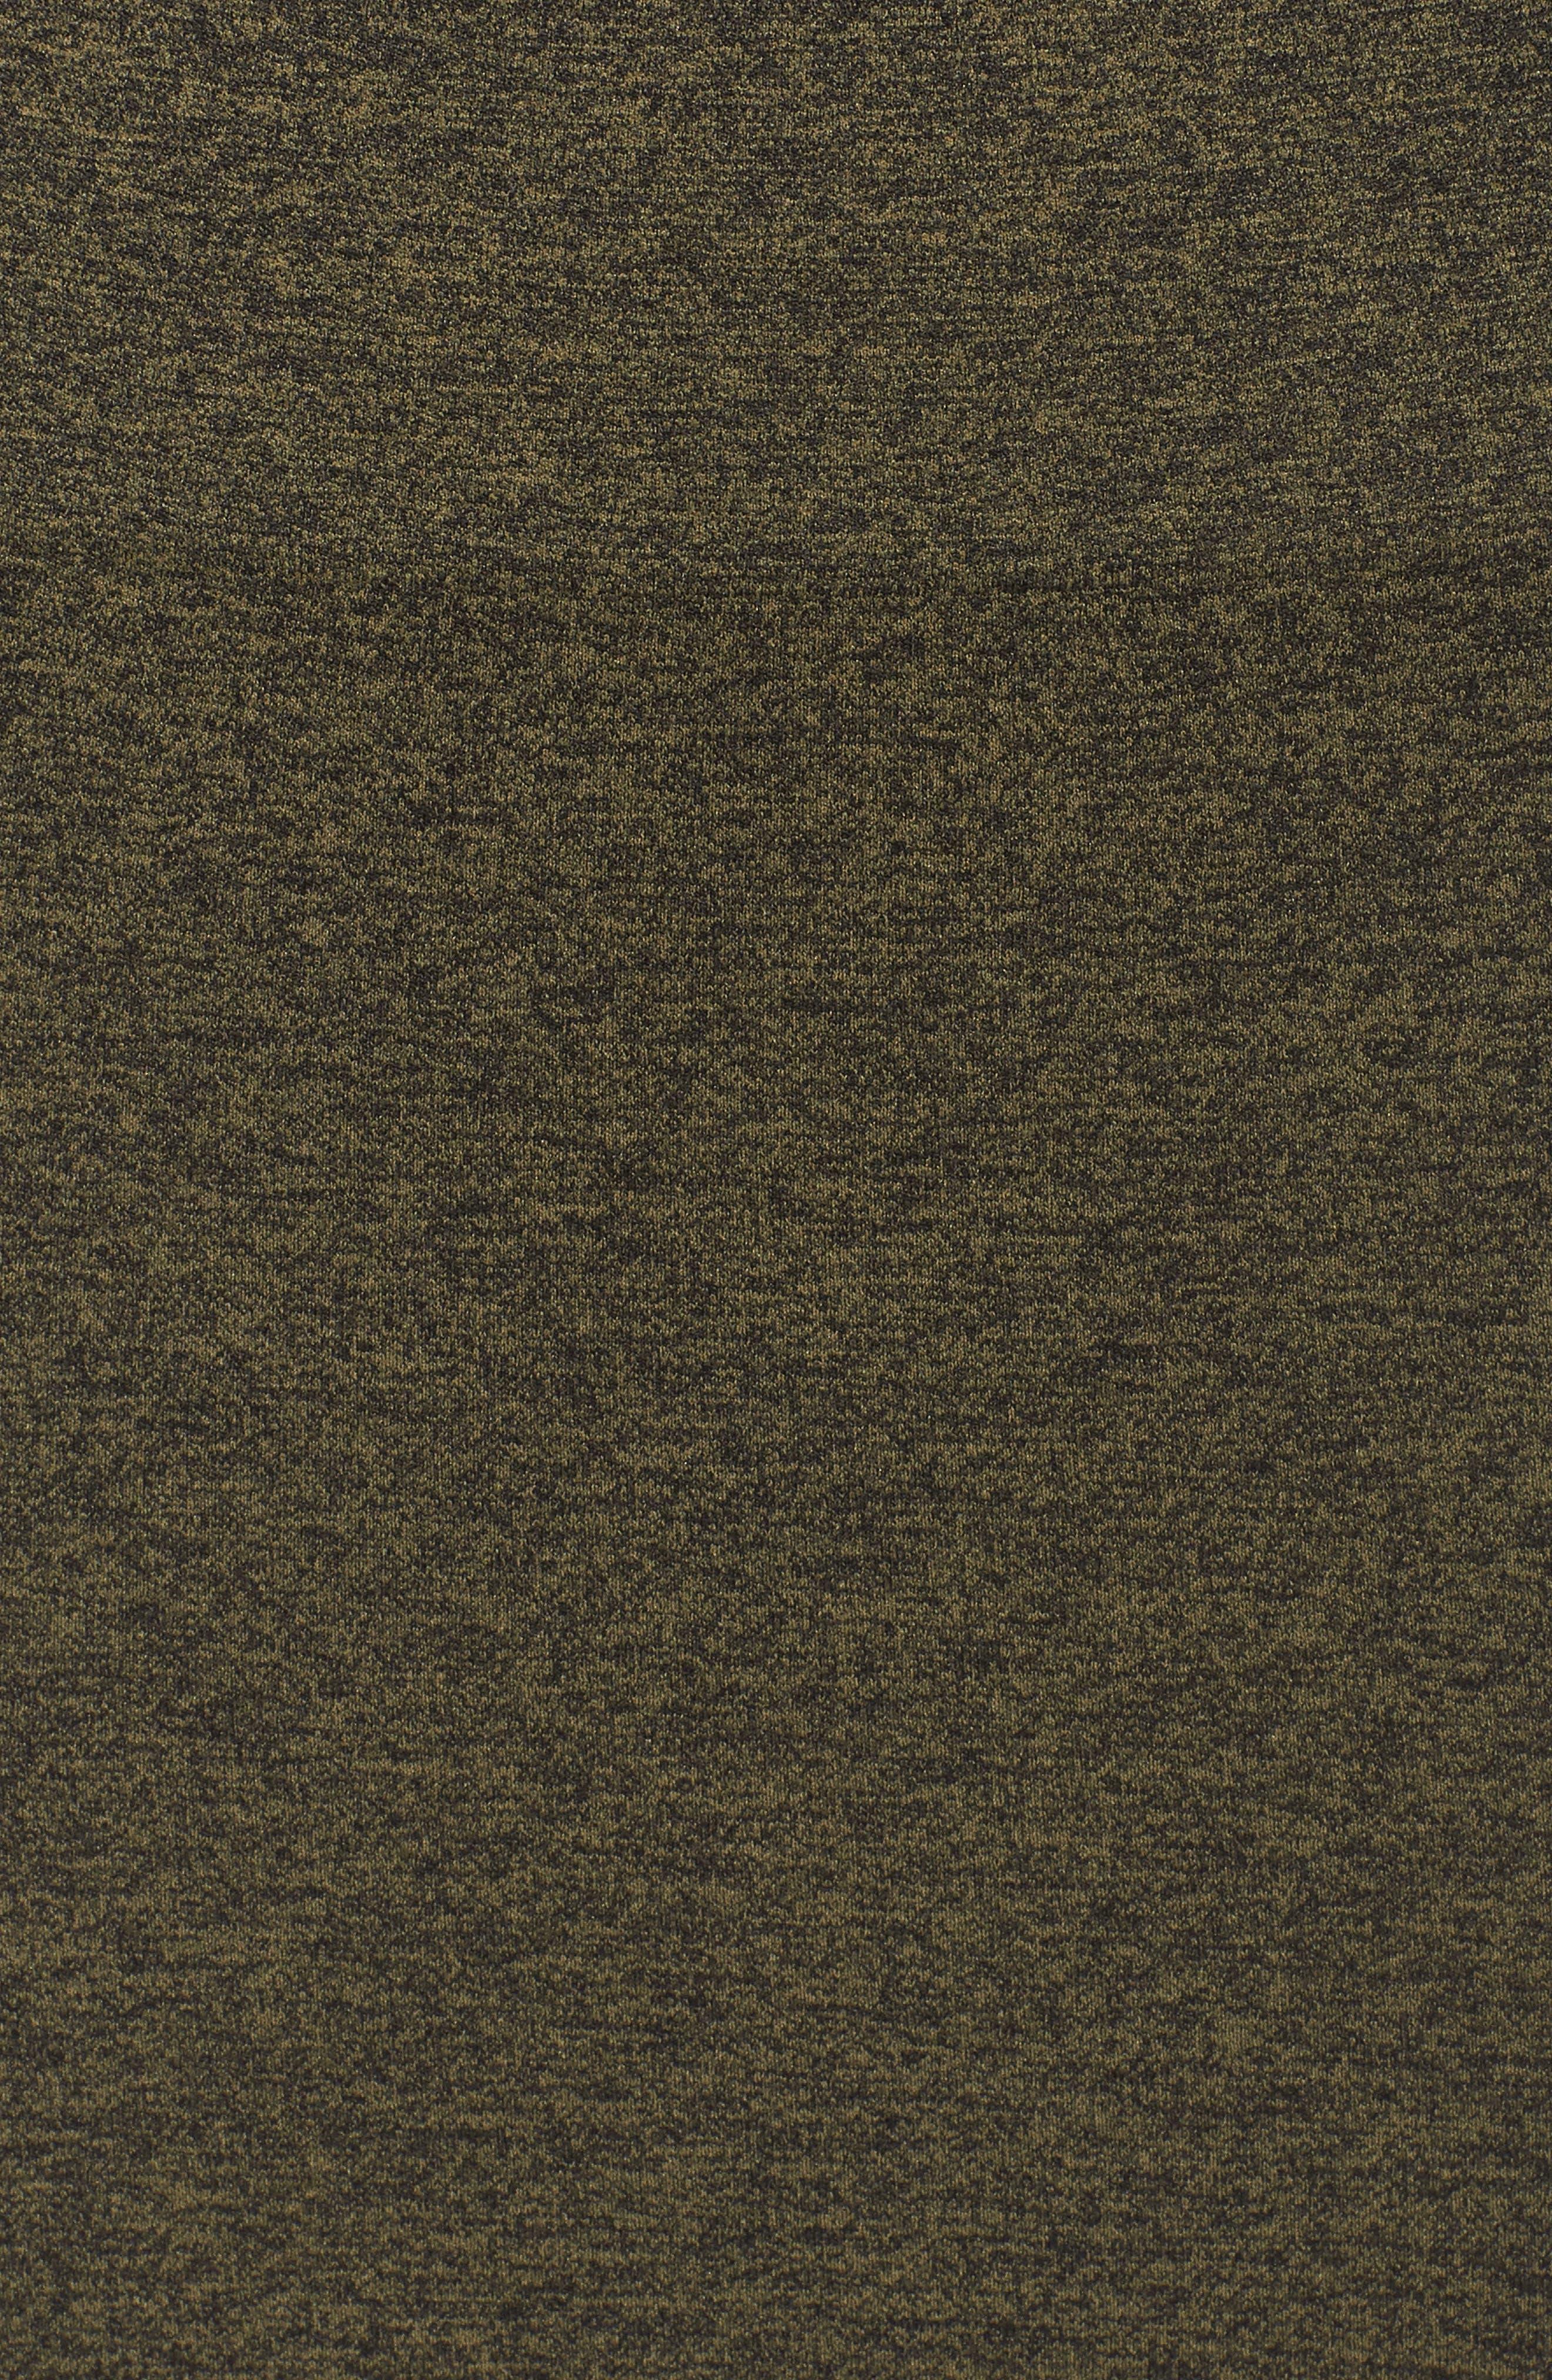 Aura Seamless Skirt,                             Alternate thumbnail 6, color,                             Deep Lichen Green/ Black